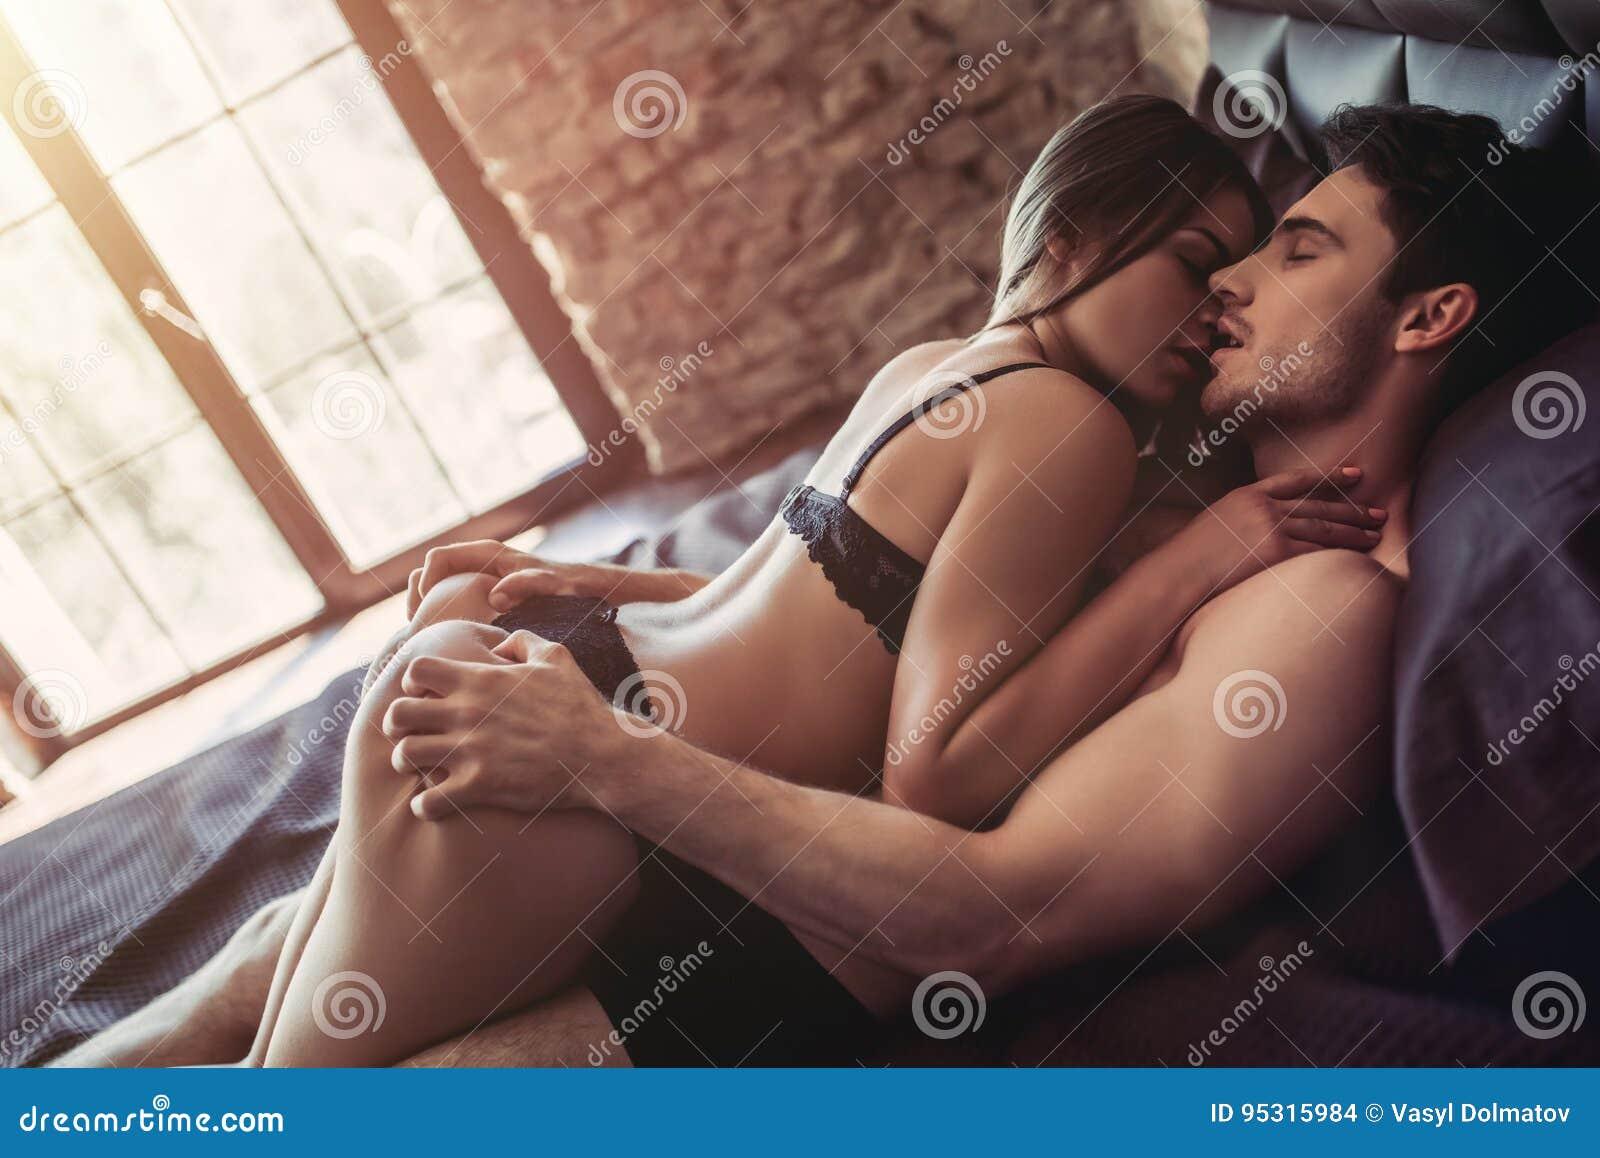 Секс белой пары с черной — photo 15